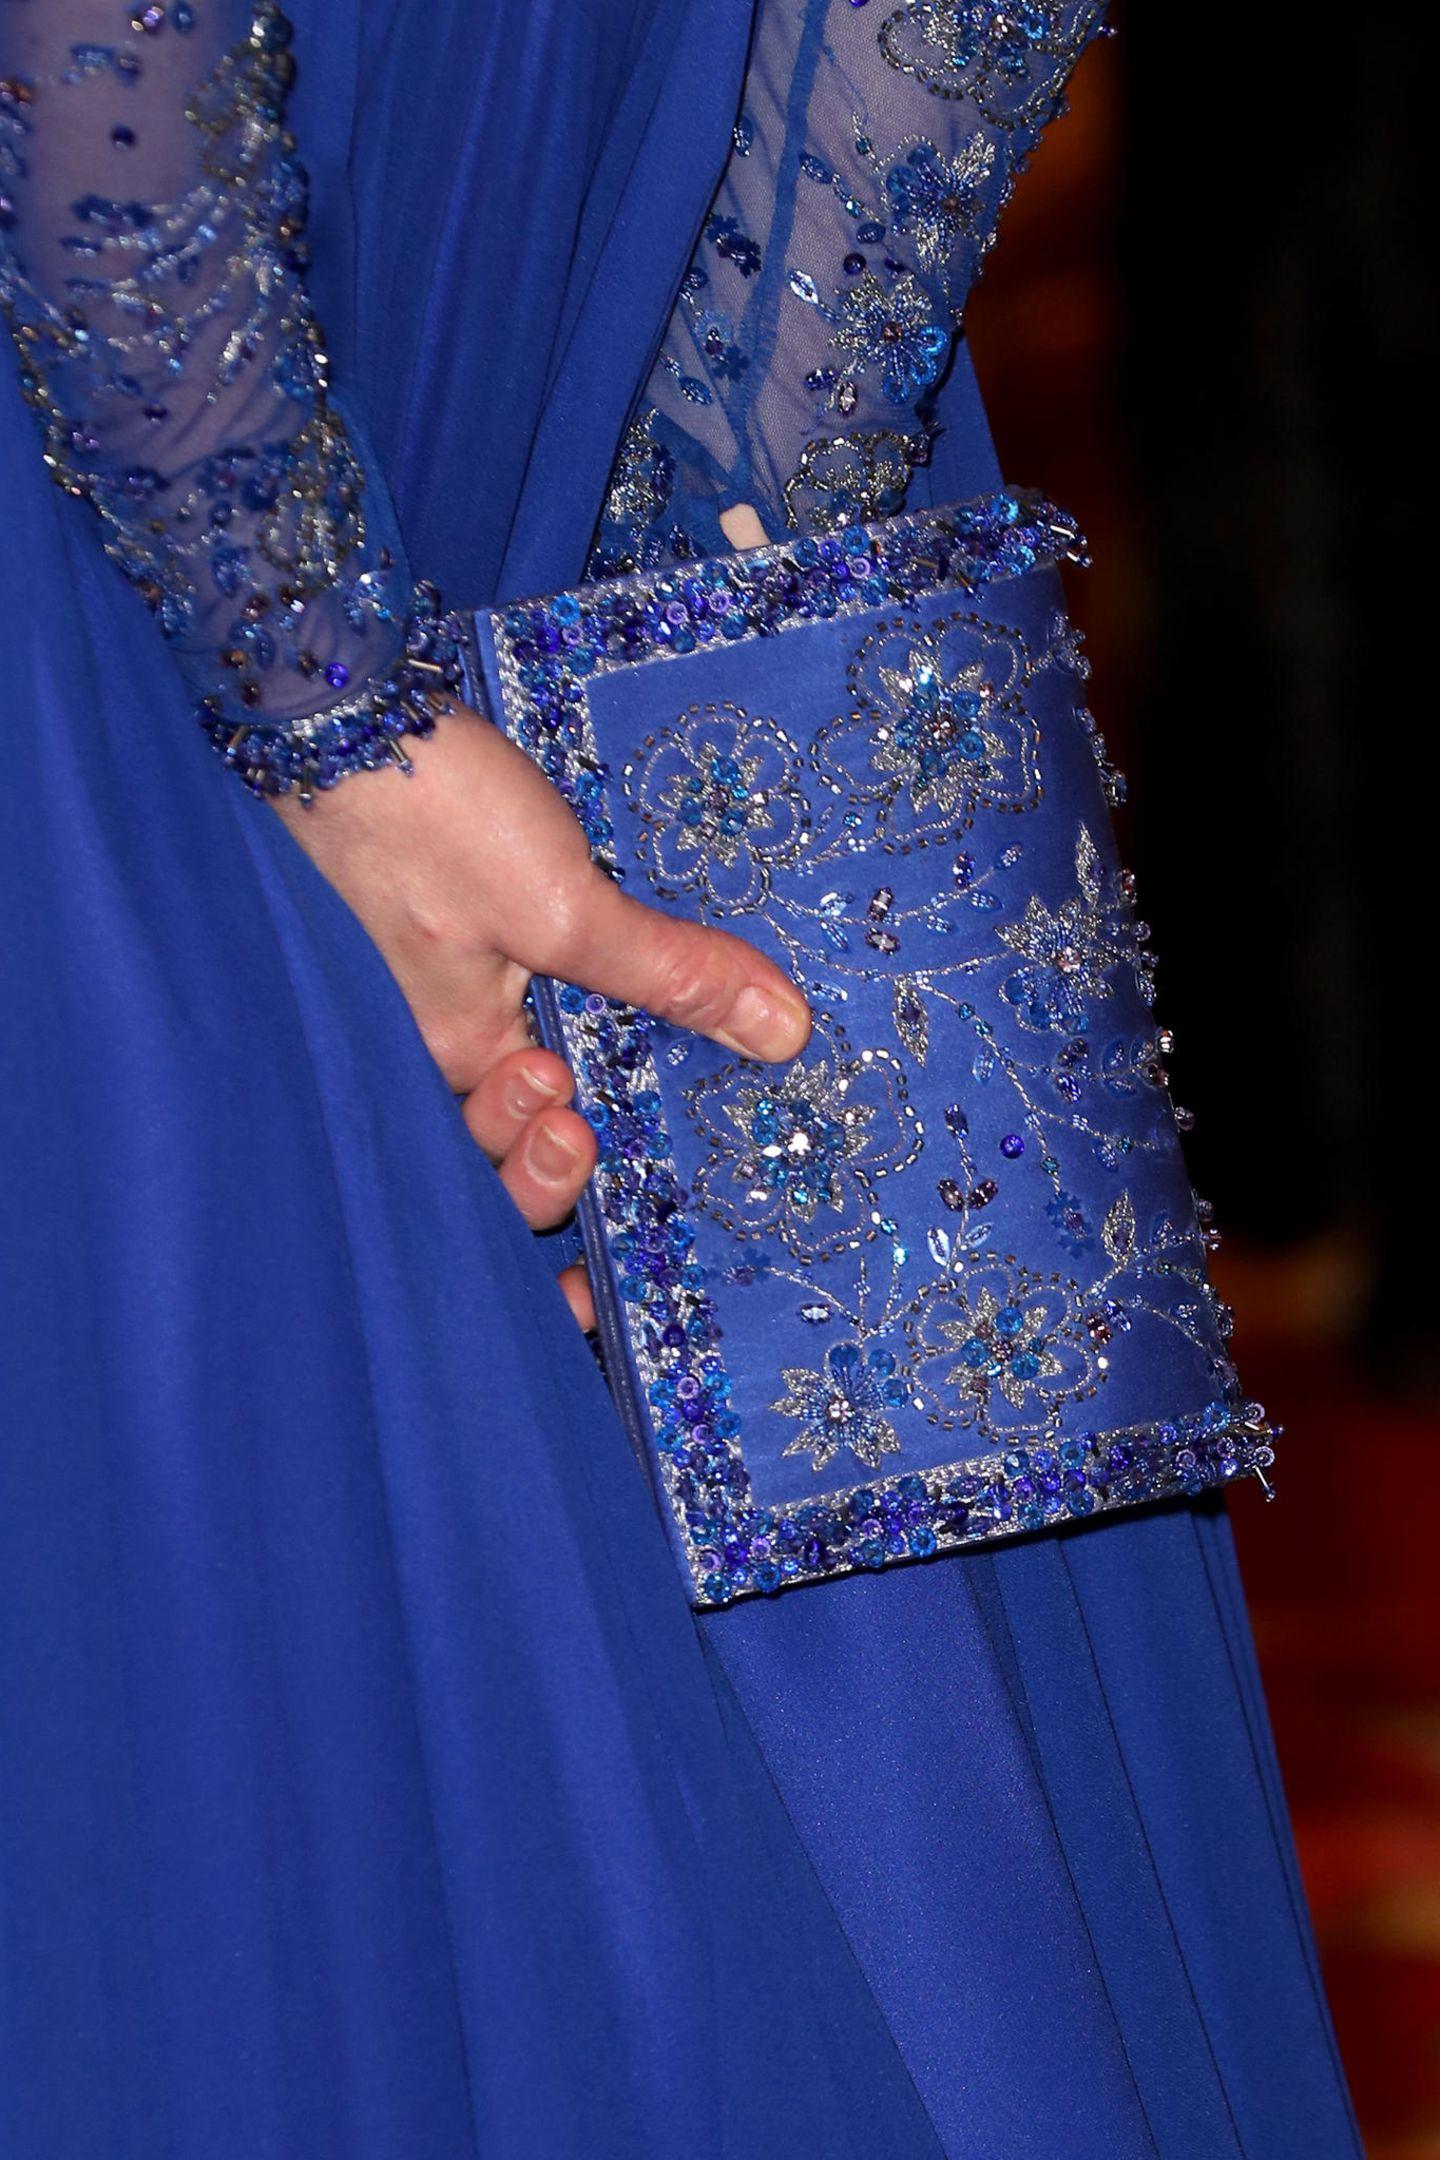 In der Hand hält sie eine blaue funkelnde Clutch, die perfekt zu ihrer Abendrobe passt. Was für ein Look!